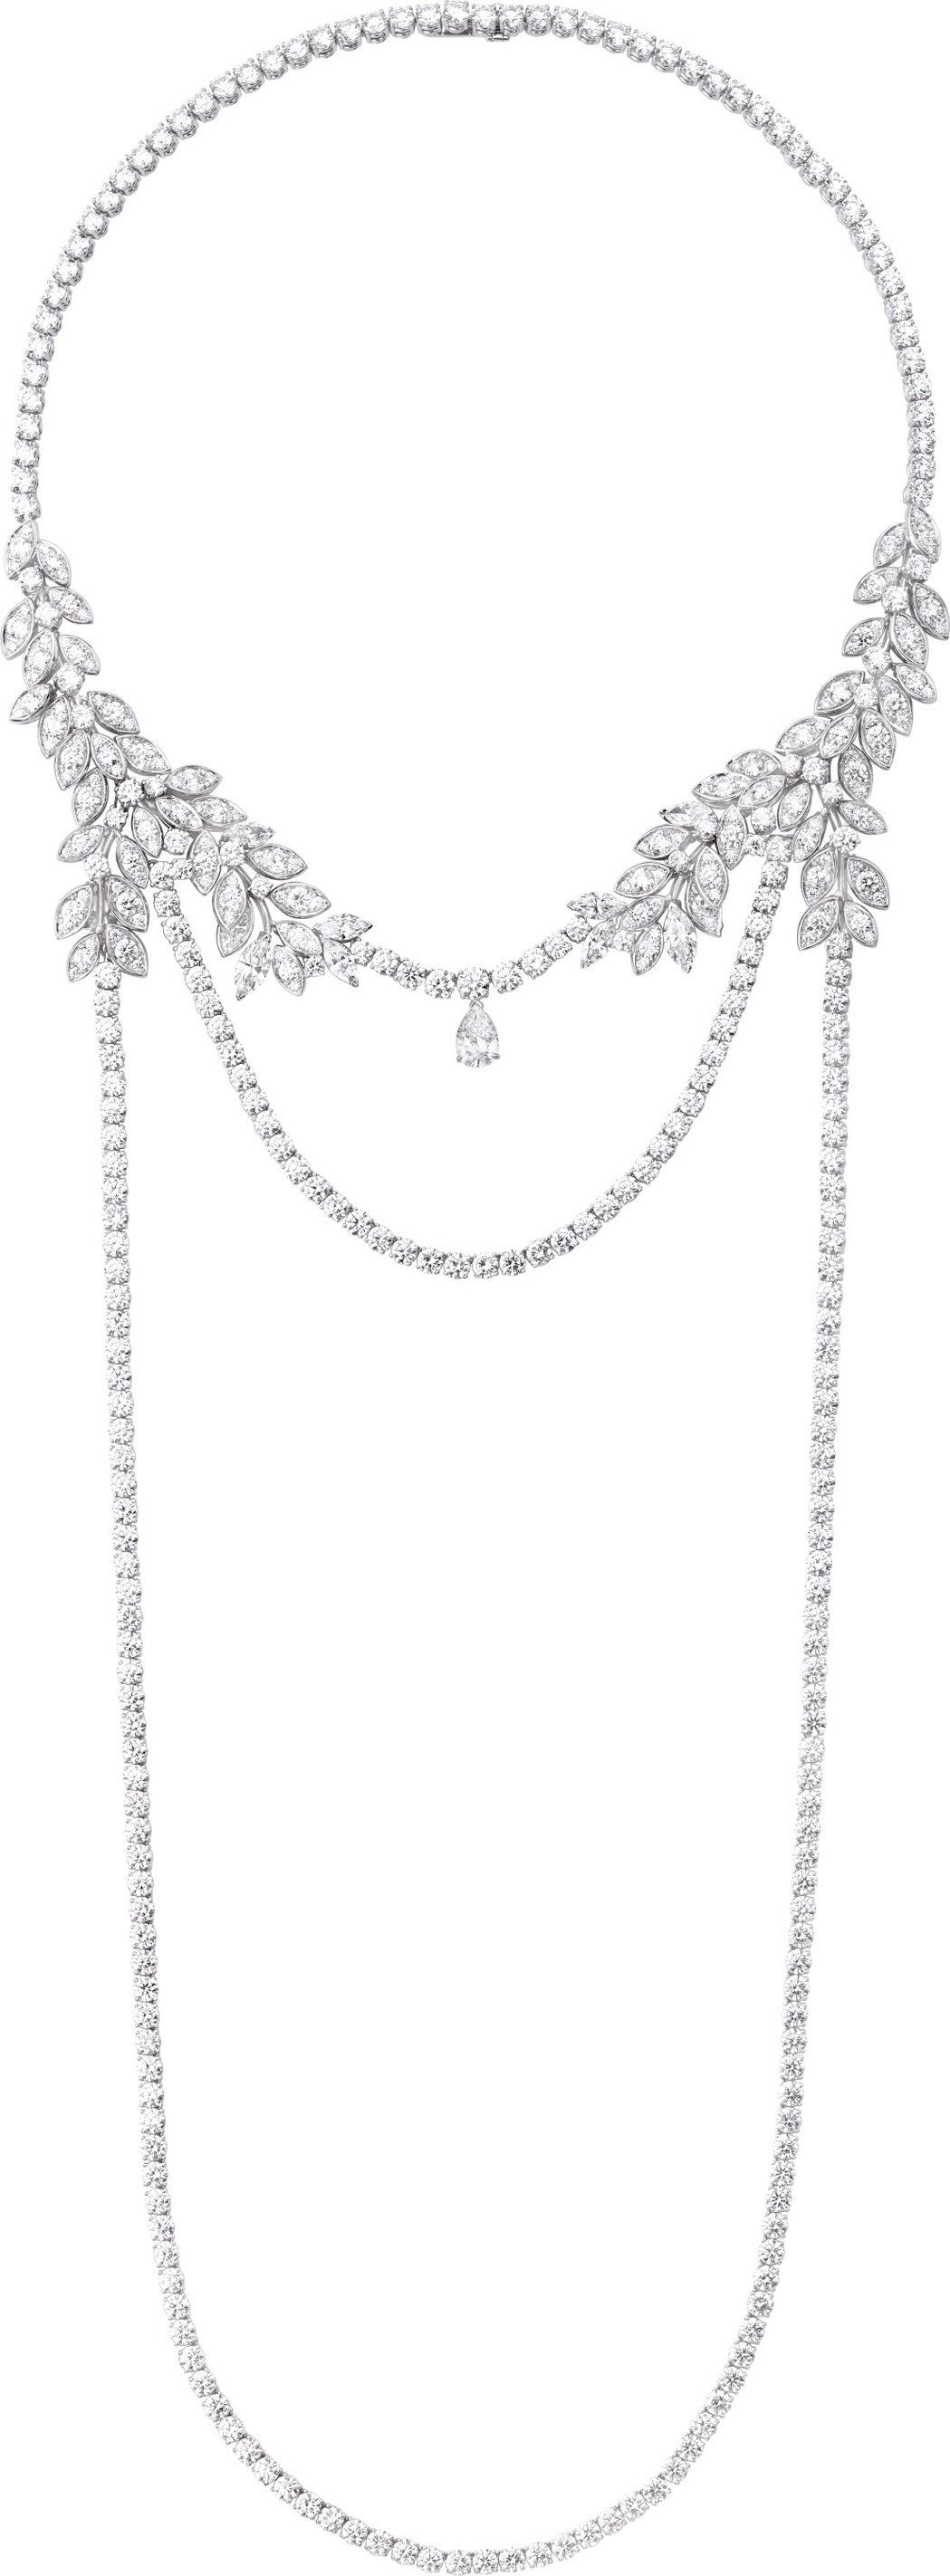 2016年坎城影展潔西卡雀絲坦曾配戴Extremely Piaget 系列高級珠...